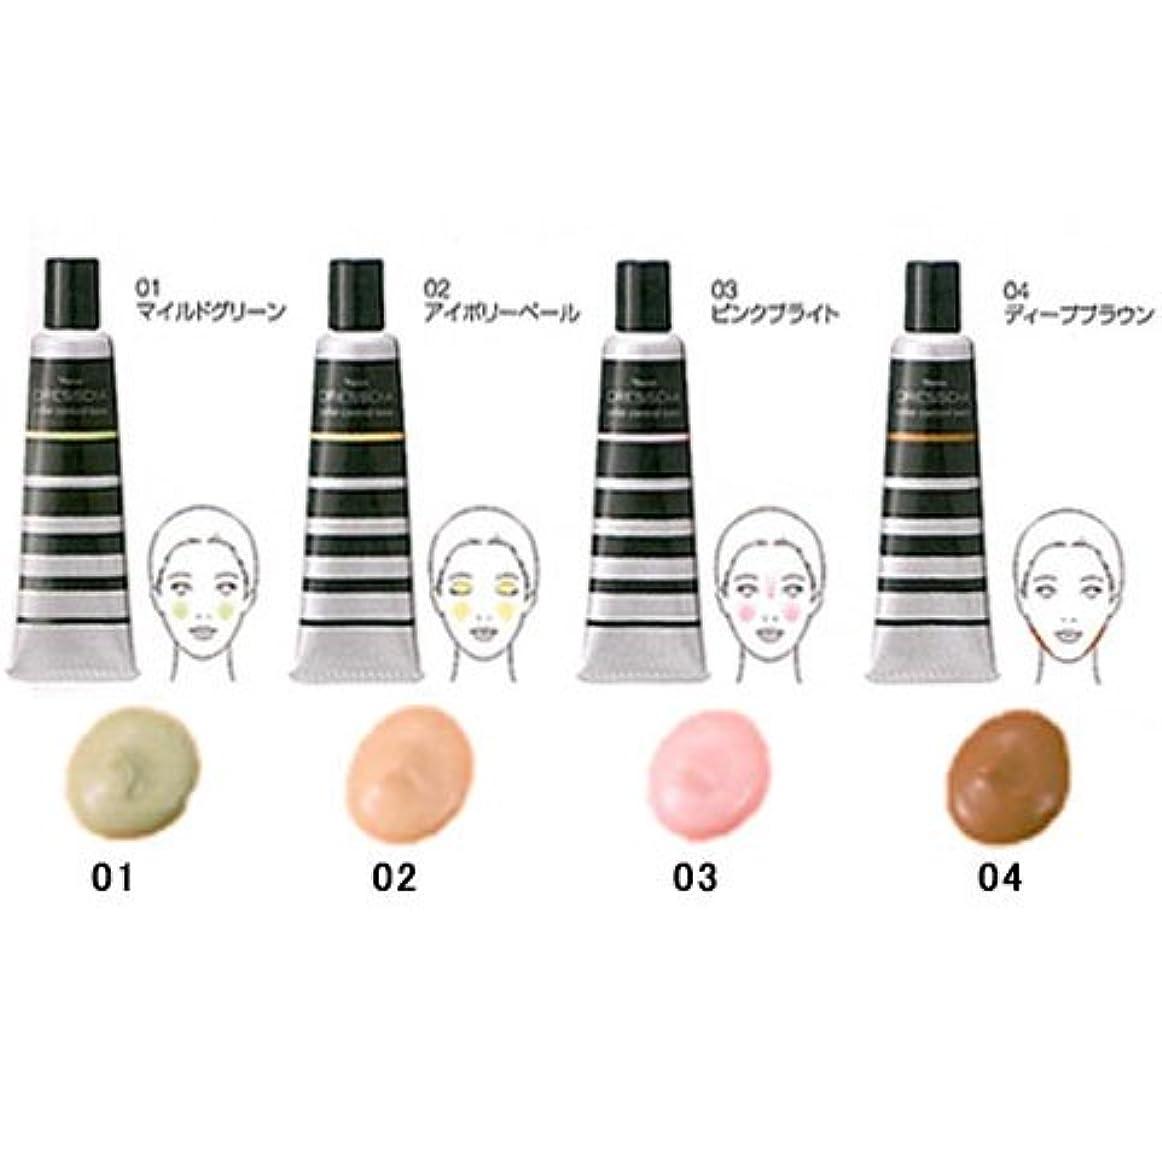 バズラベル肯定的ナリス化粧品 ドレスディア カラーコントロールベース部分用 化粧下地 20g 02 アイボリーベール